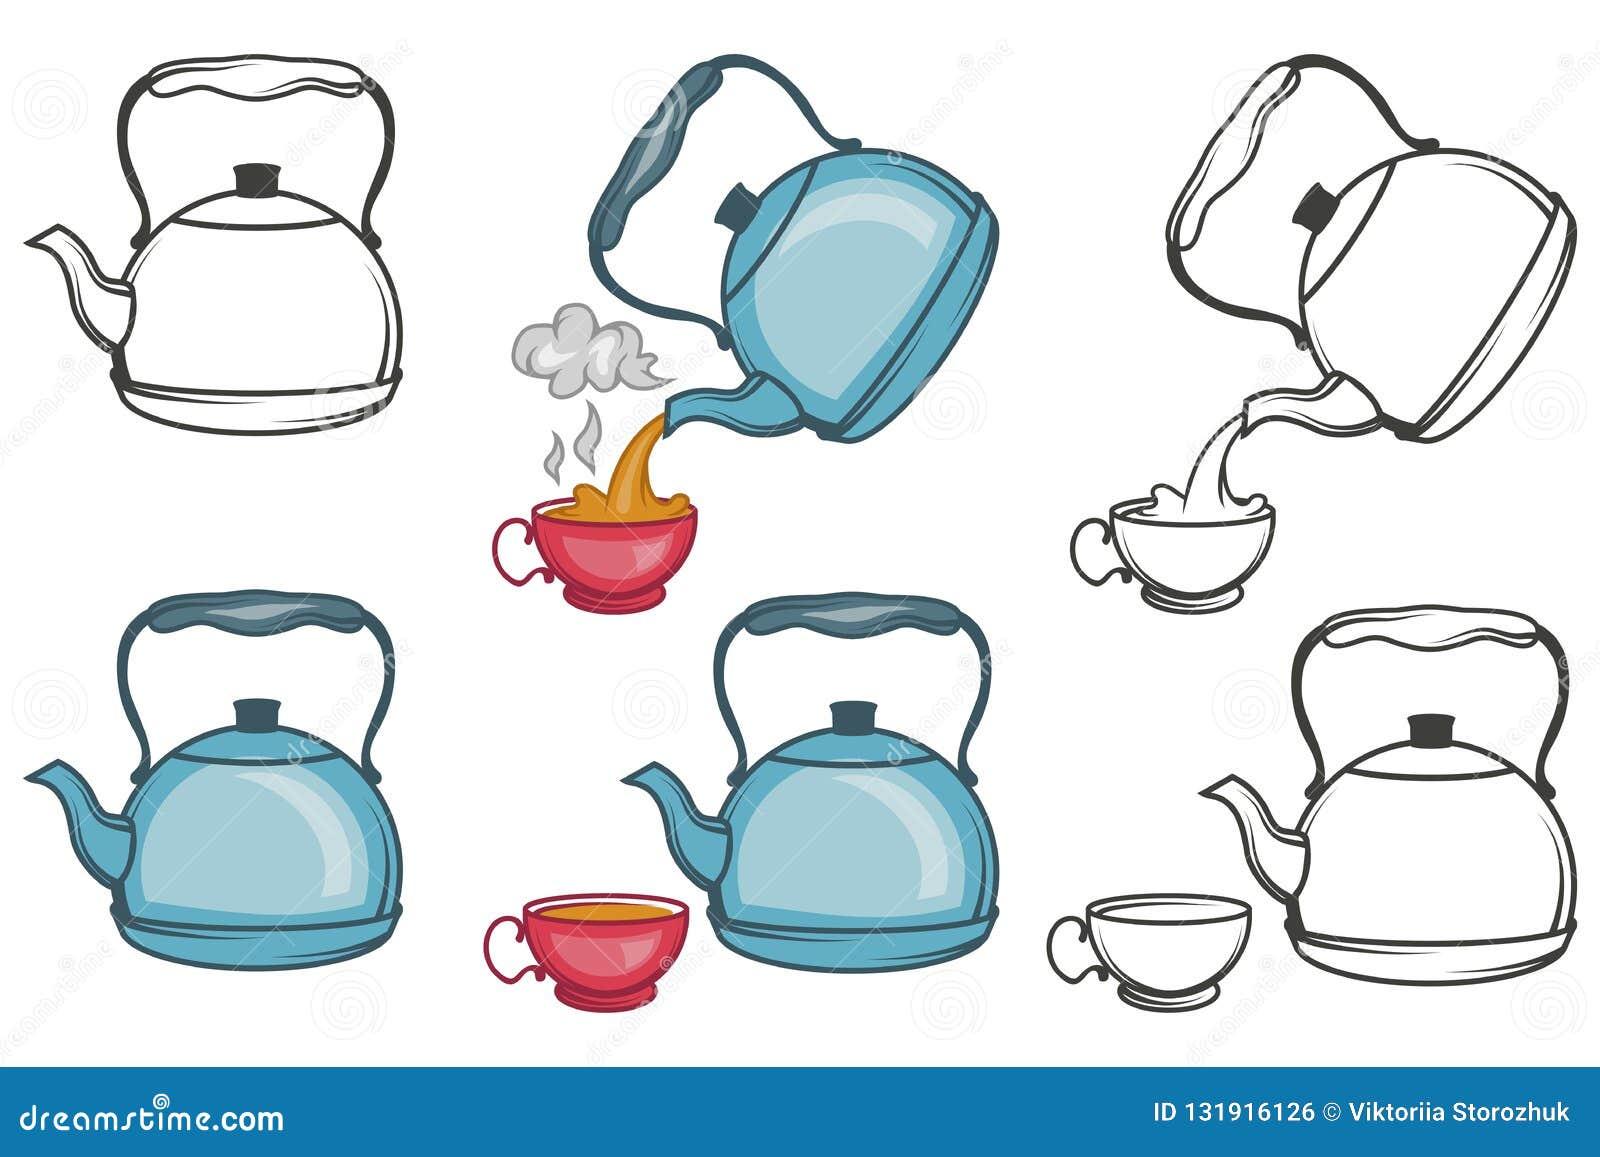 Vector Illustration Of Tea Kettle, Hand Drawn Teapot On ...